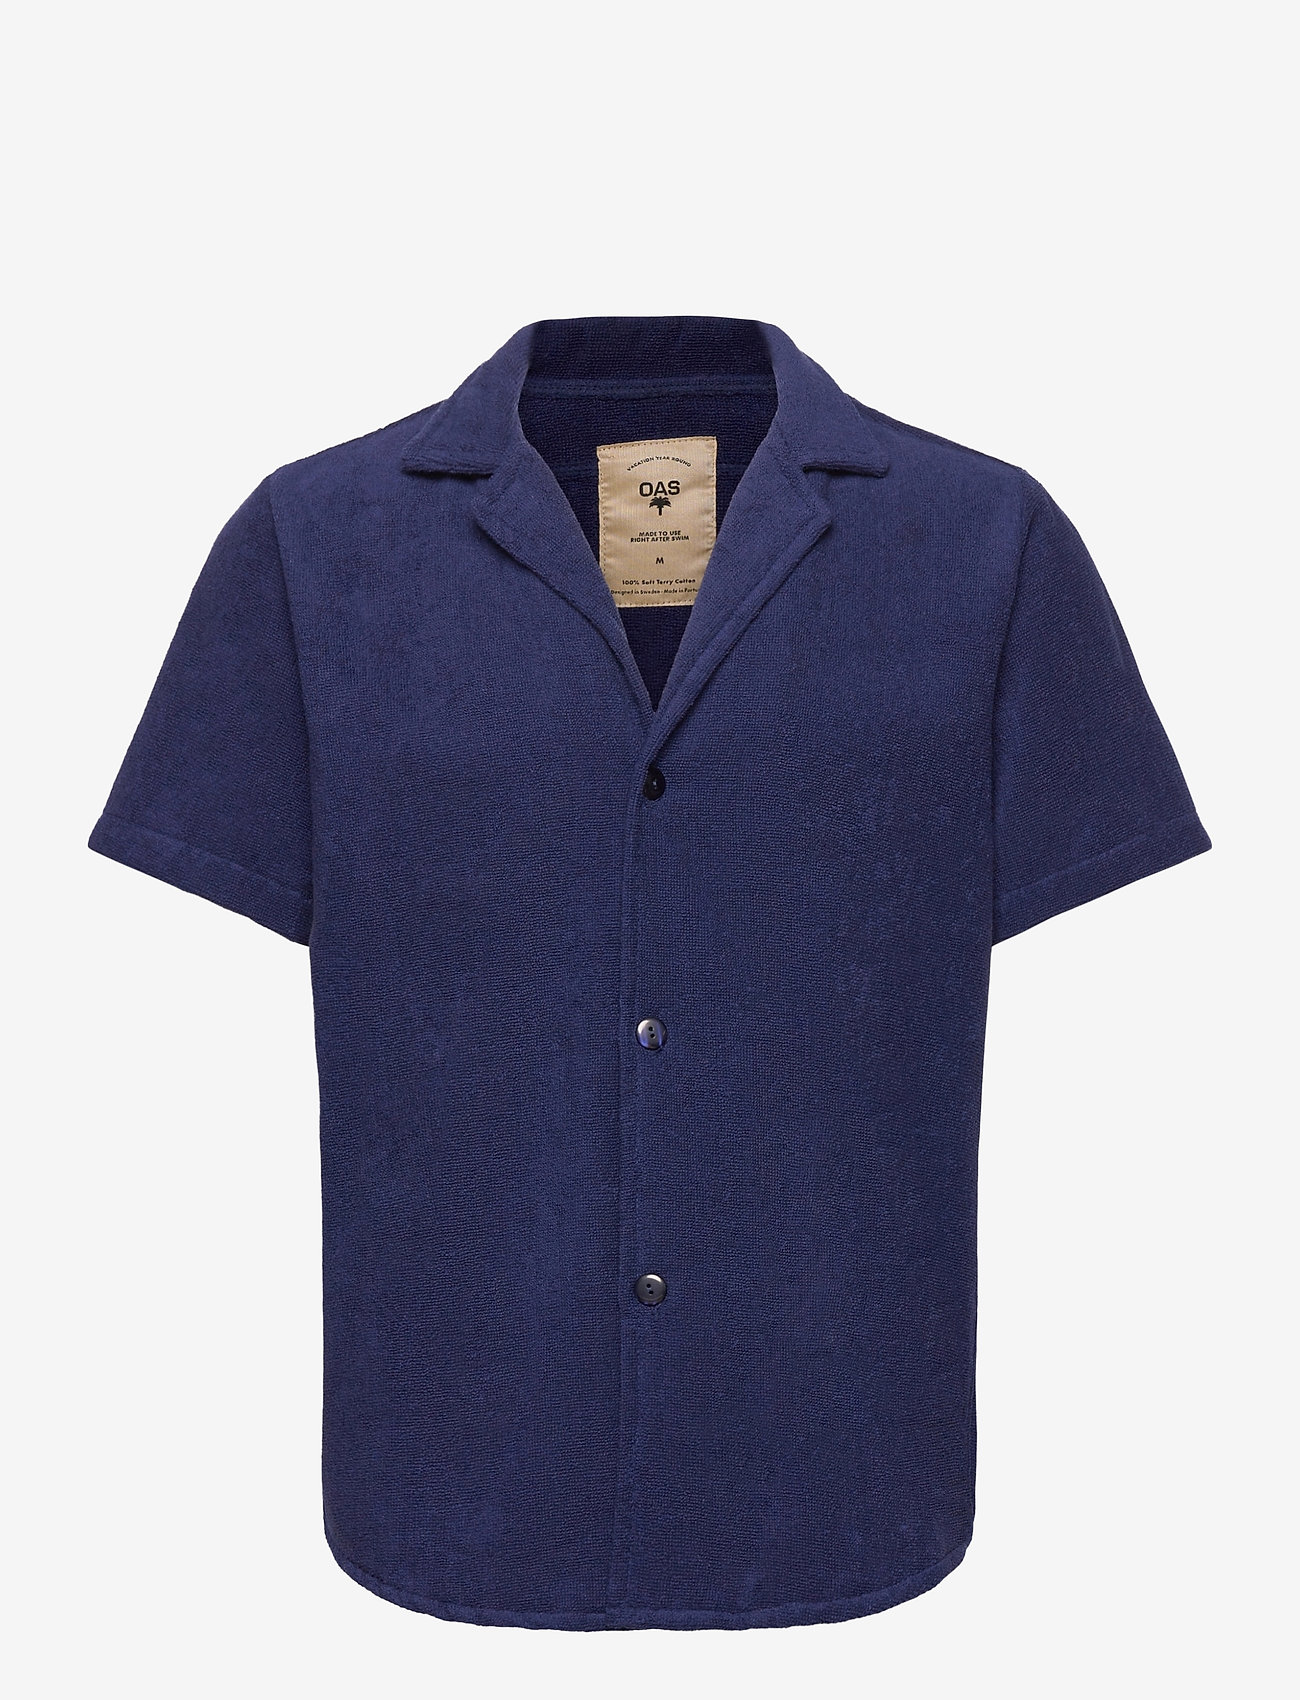 OAS - Navy Cuba Terry Shirt - overhemden korte mouwen - blue - 0